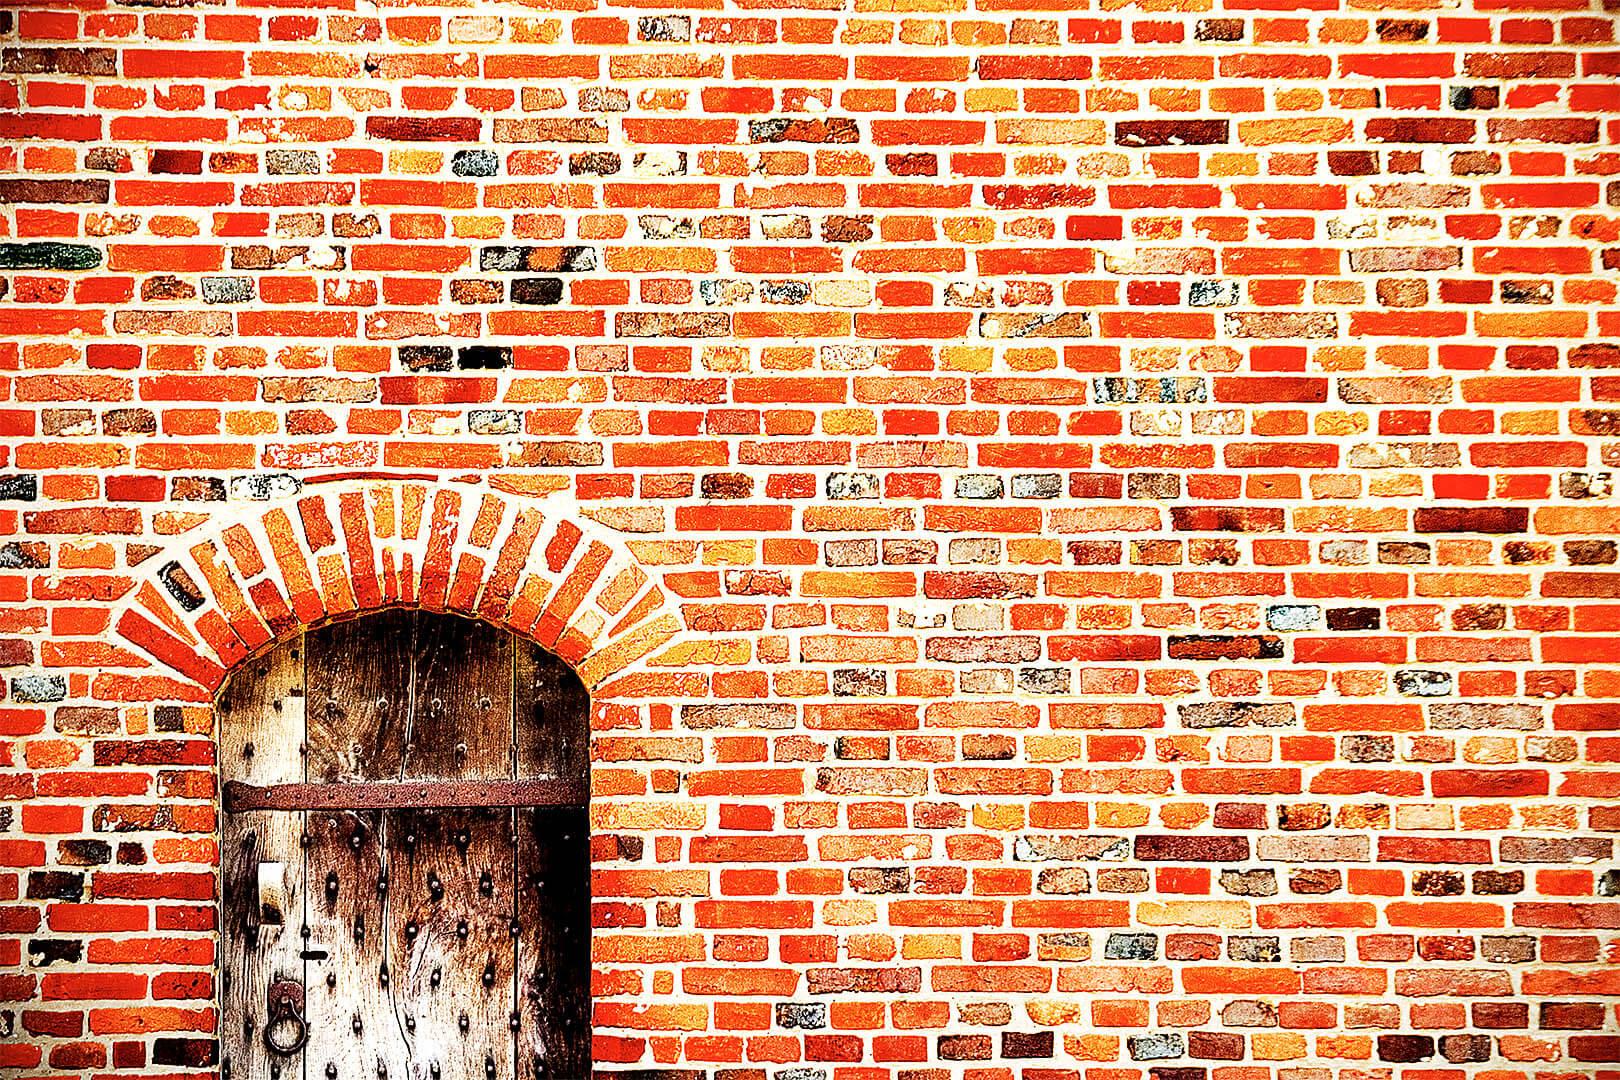 Brick Wall and Wooden Door